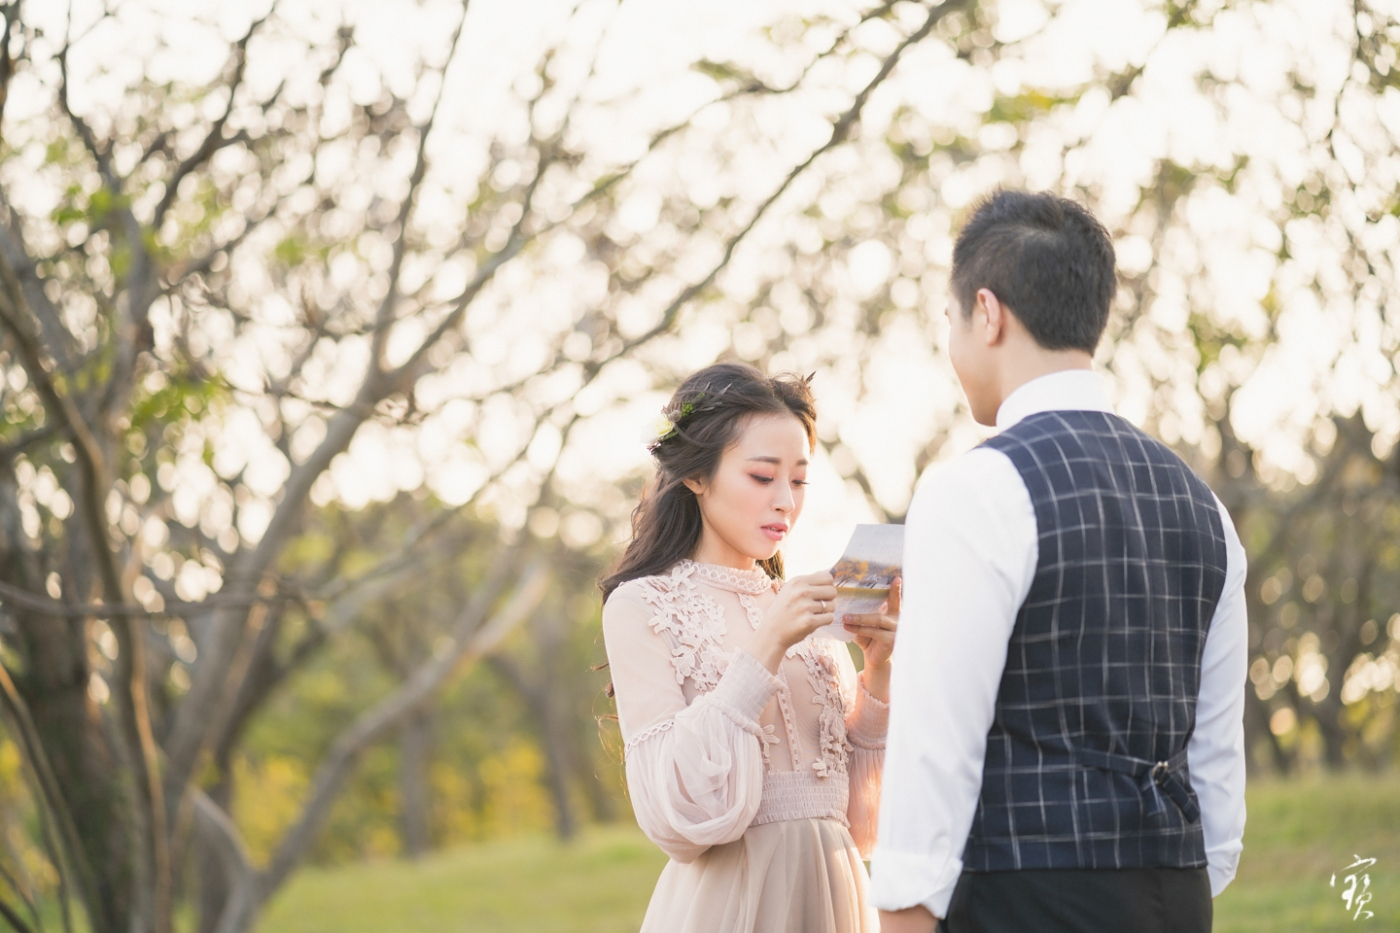 婚紗攝影 台中婚紗 台中都會公園 踏踏攝影棚 冬伴影像 攝影師大寶 北部攝影 新竹攝影 自主婚紗 自助婚紗_DB_4571